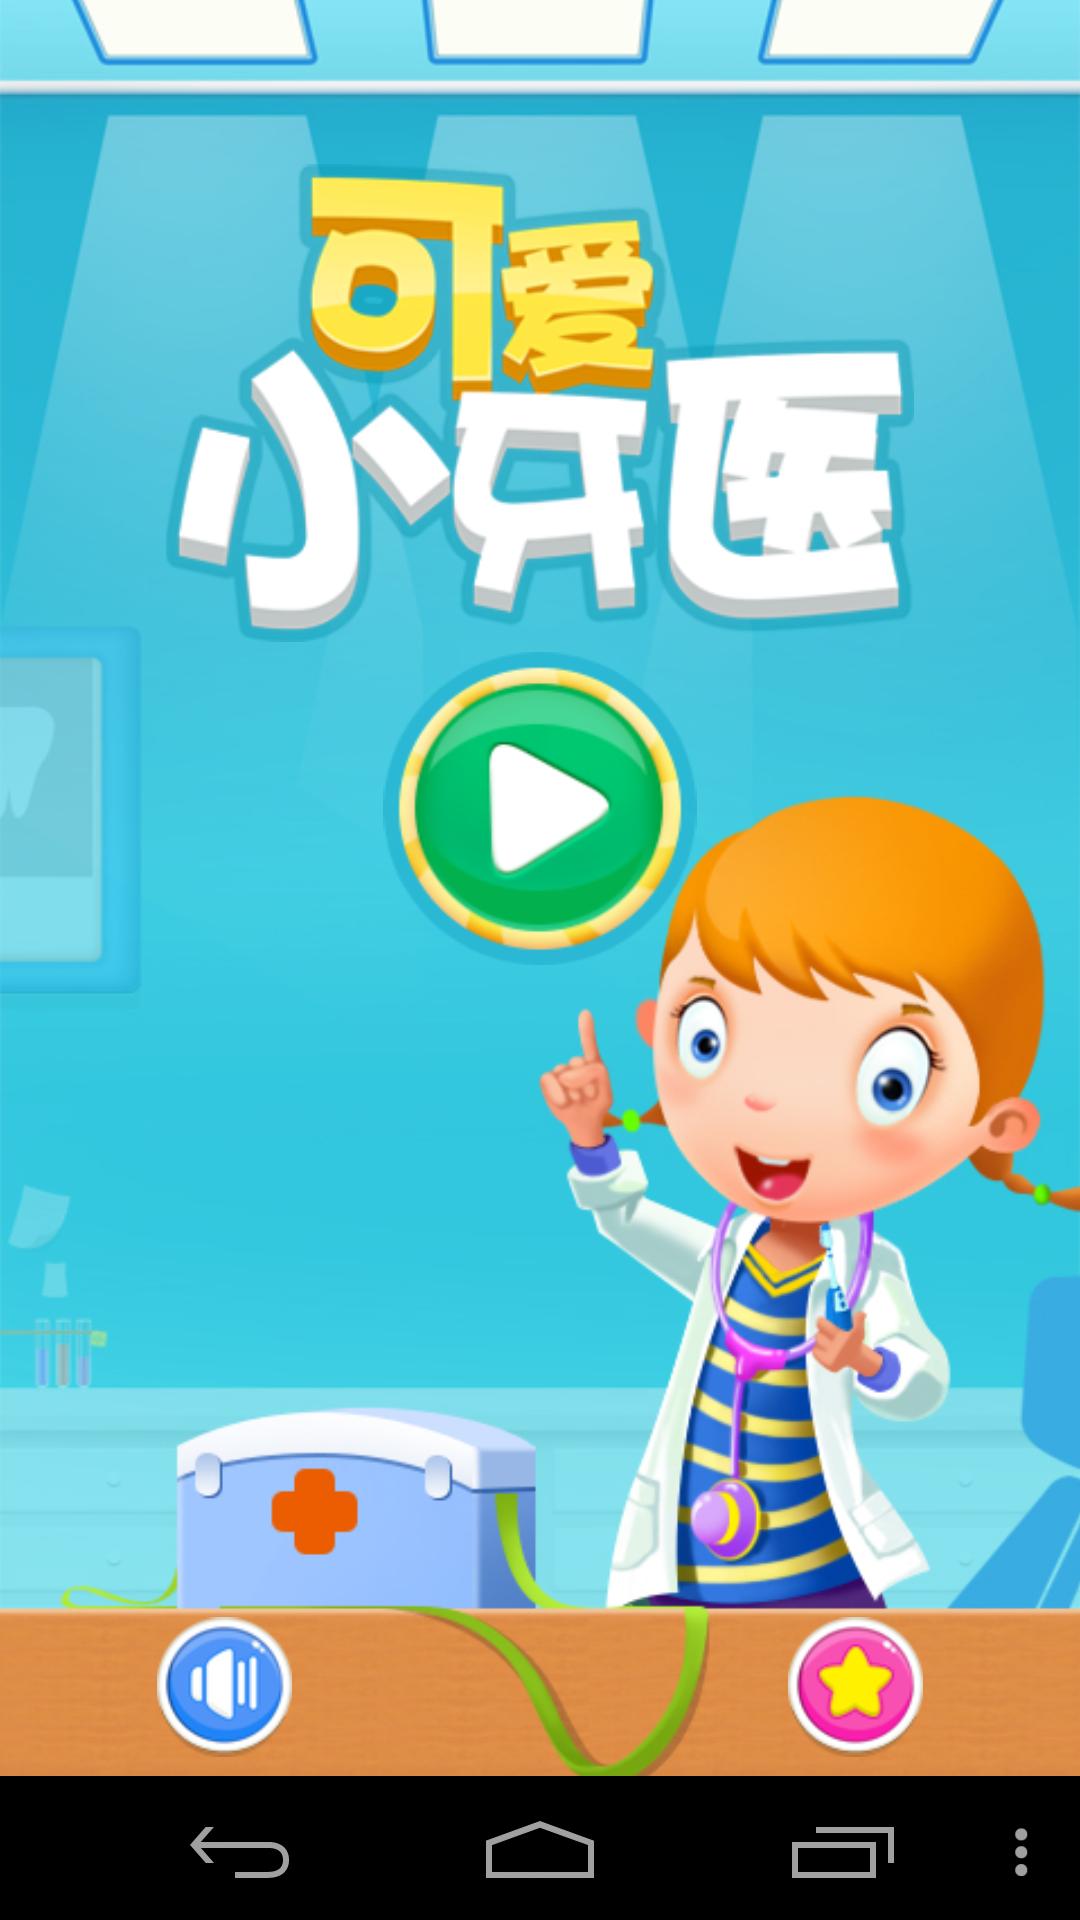 软件 聊天通讯 >可爱小牙医  可爱的牙医小诊所开张啦!